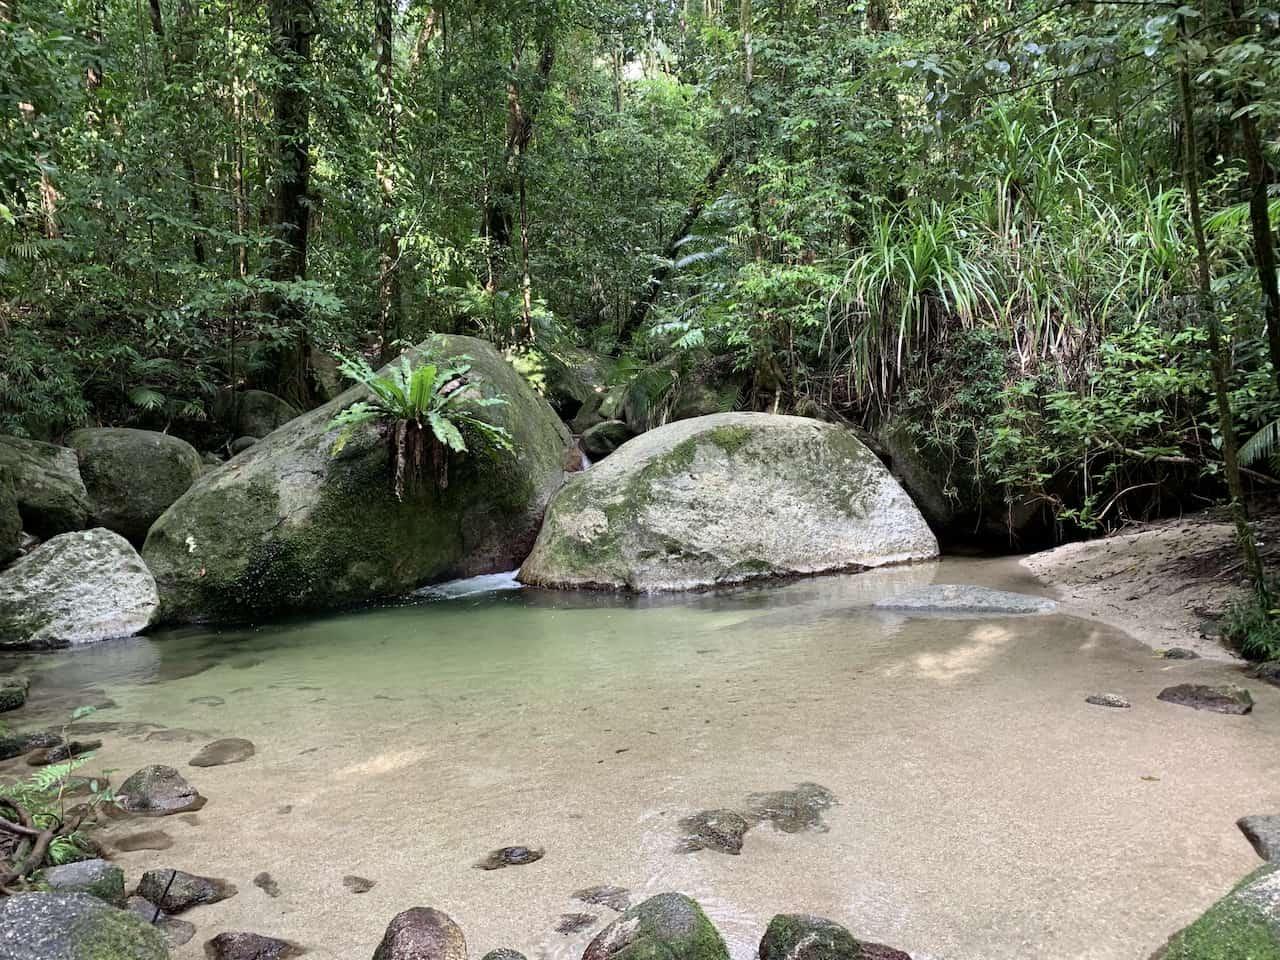 Wurrmbu Creek